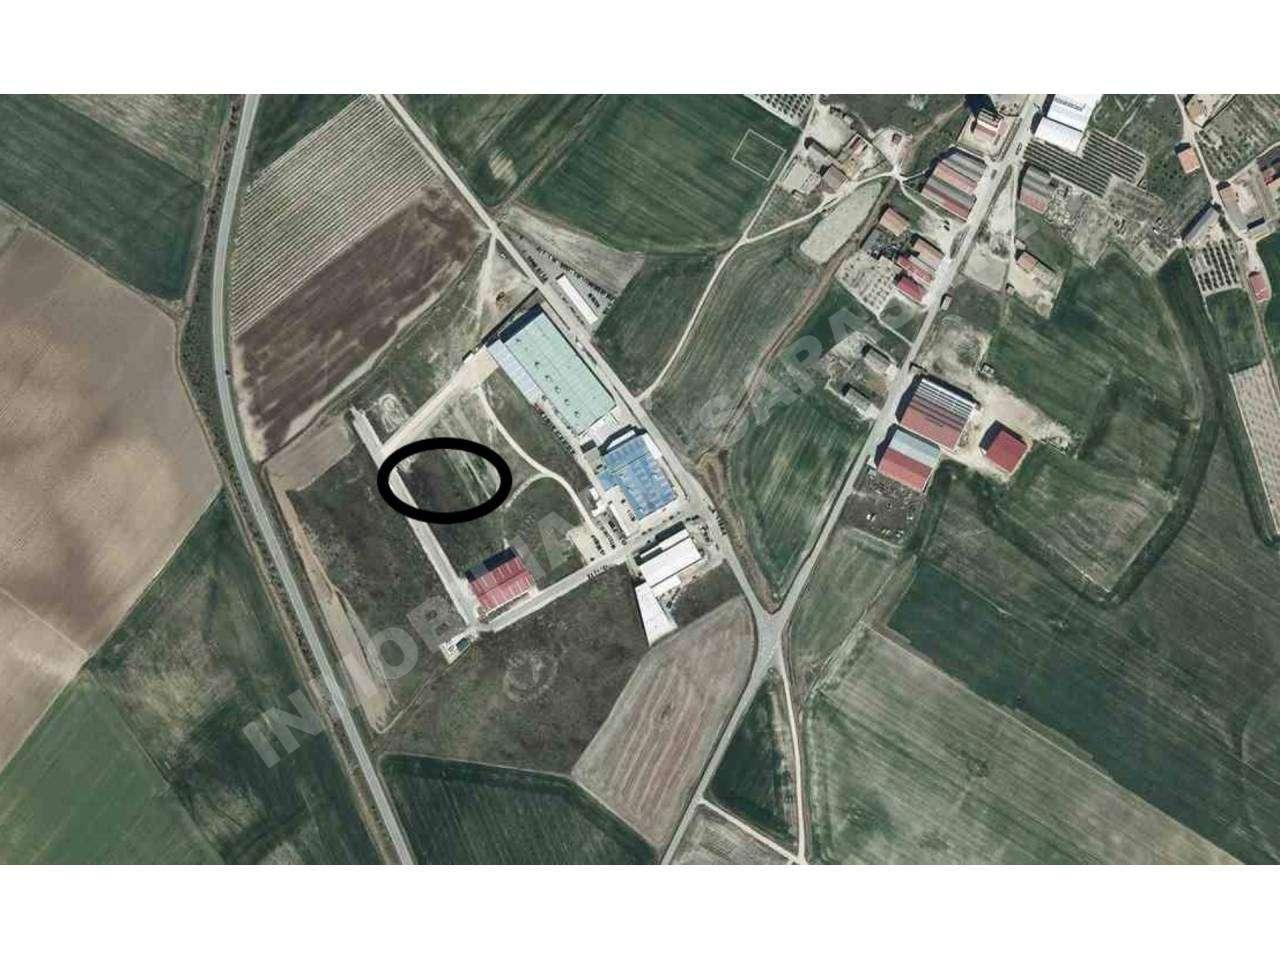 VENTA DE TERRENO INDUSTRIAL EN SESMA, SESMA | REF. (003861)